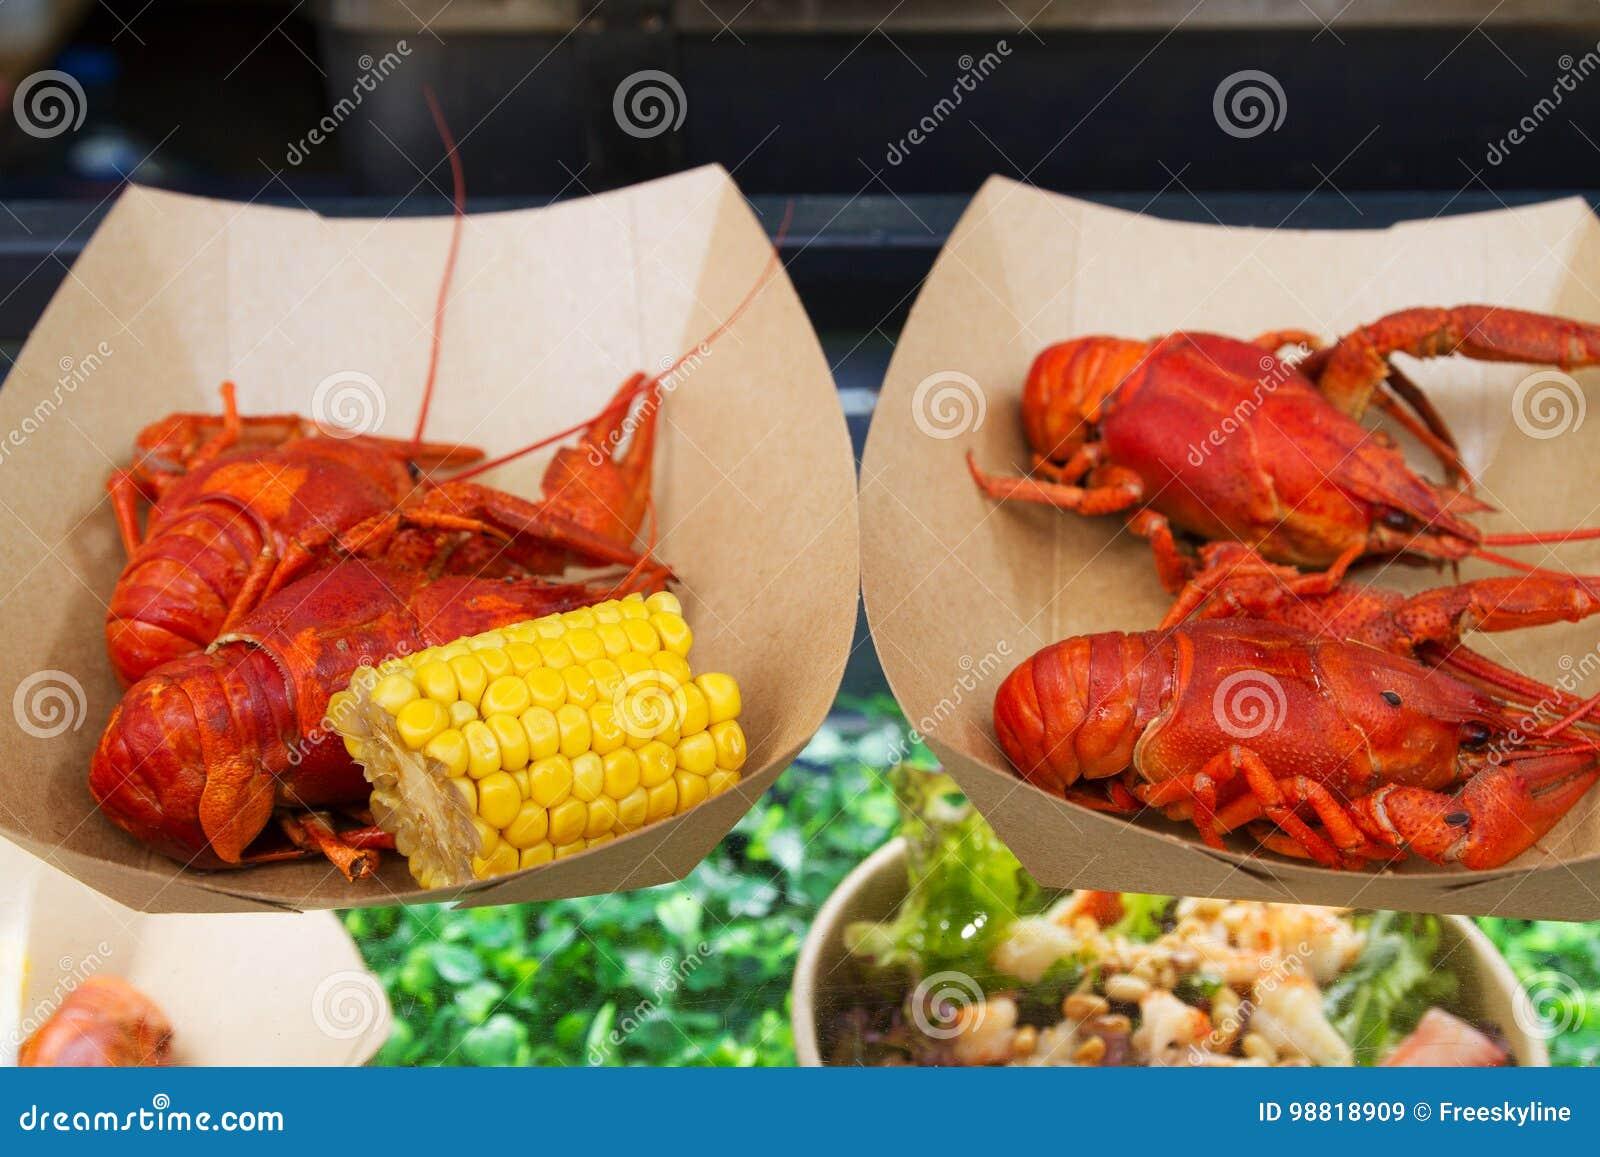 Ракы или ракы будучи послуженным на стойле еды на событии фестиваля еды открытой кухни международном еды улицы